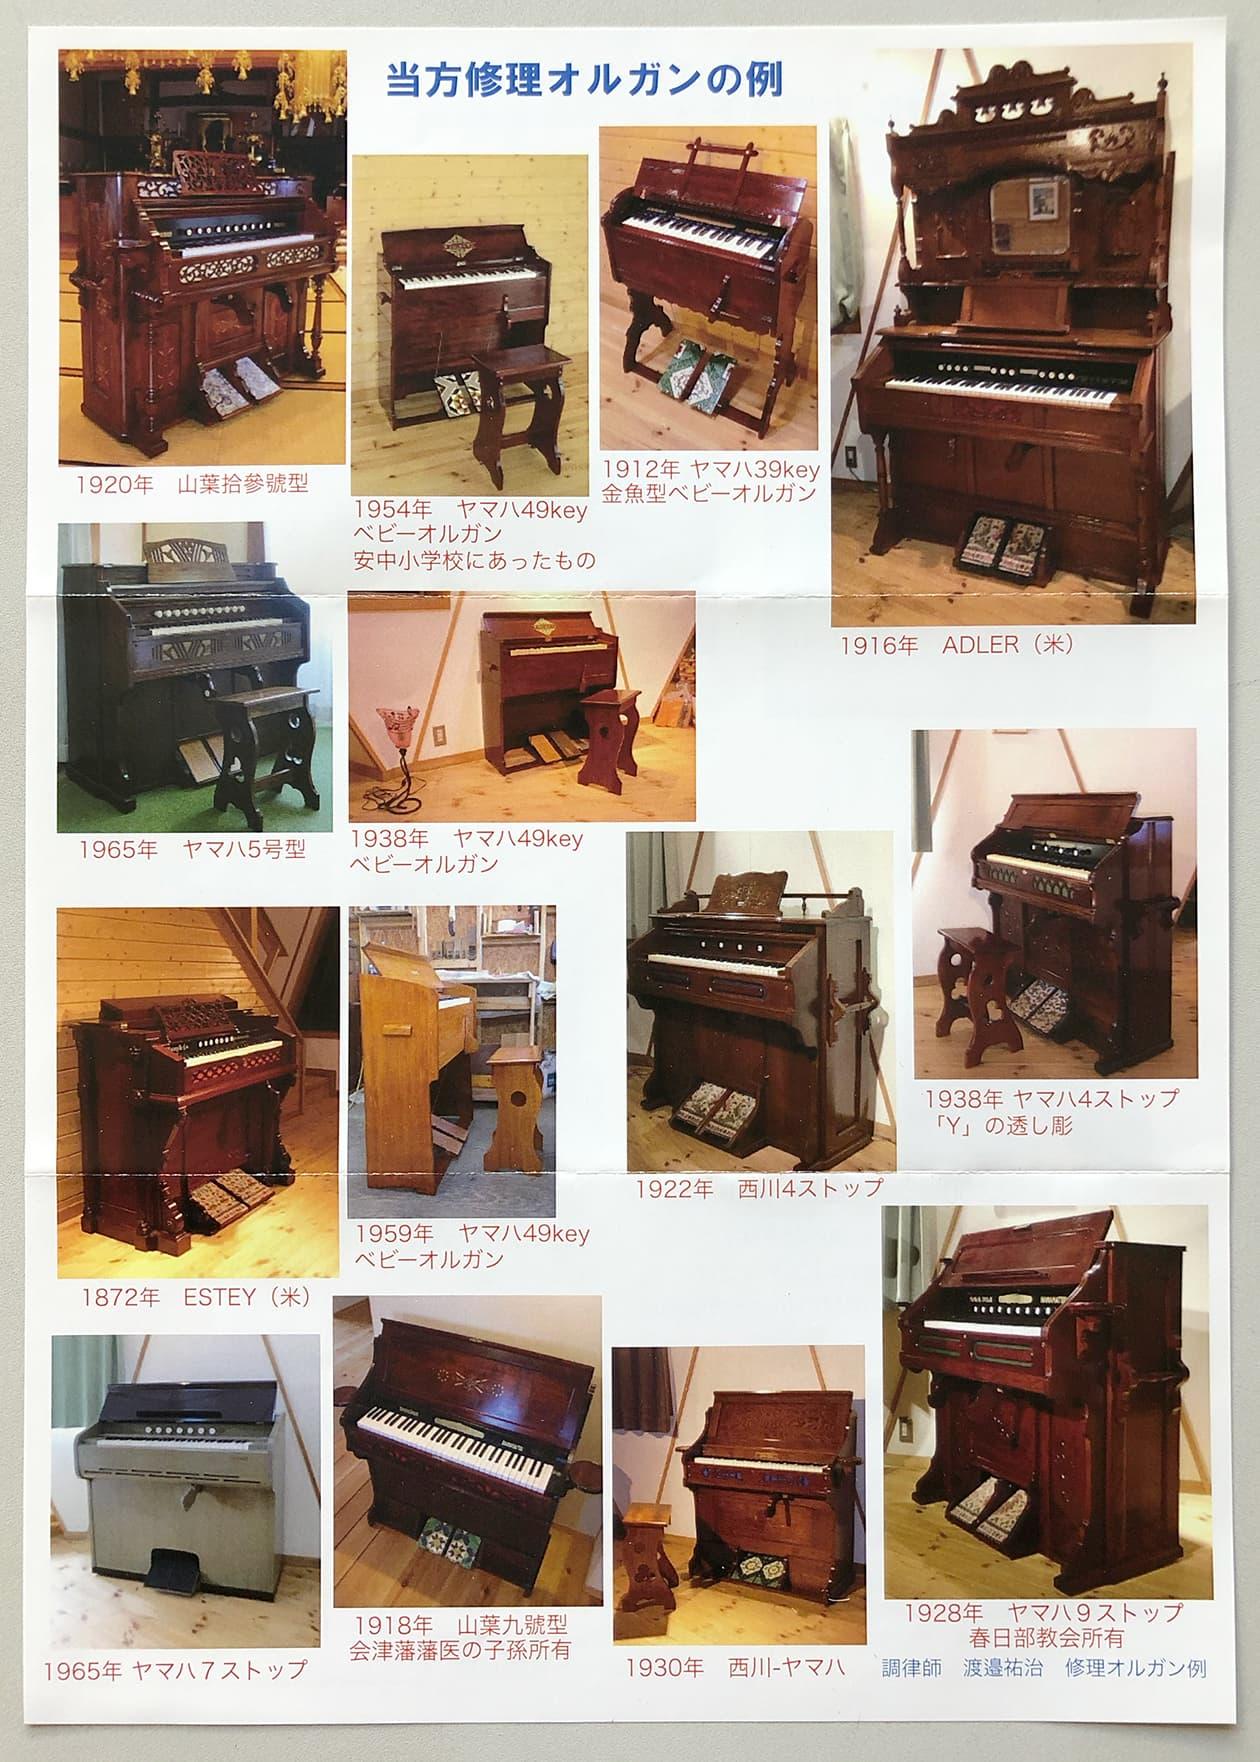 修復したオルガンのパンフレットの写真